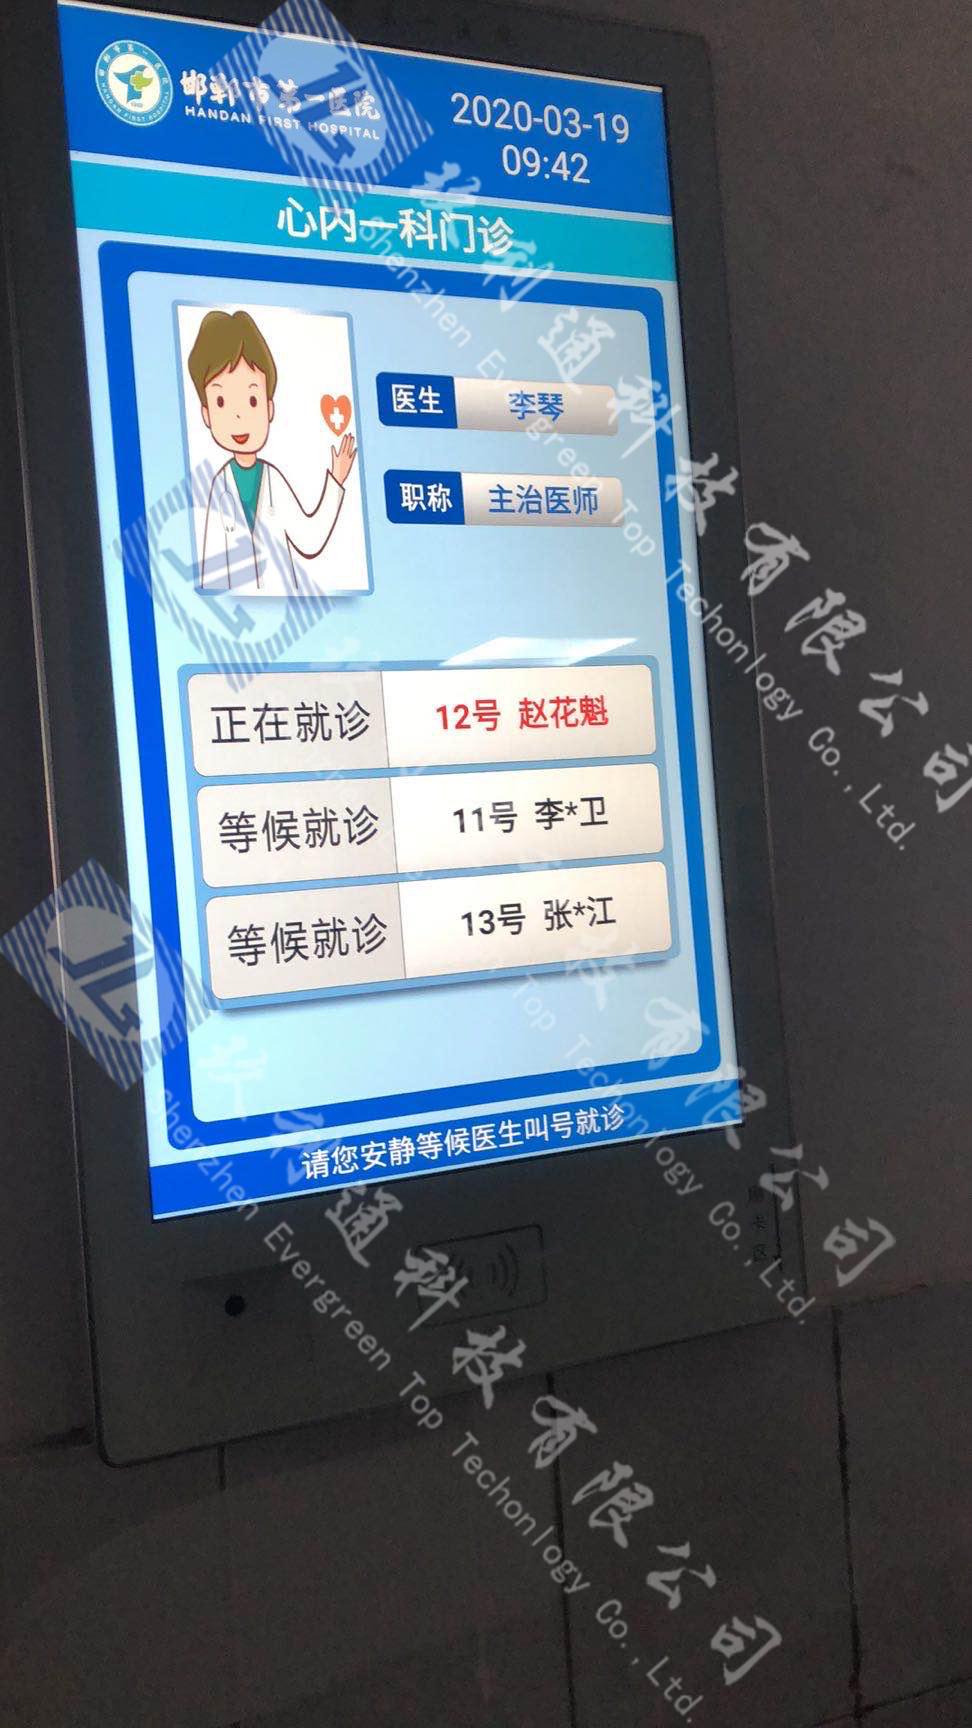 云南人脸识别医院刷卡机 深圳市玖利通供应